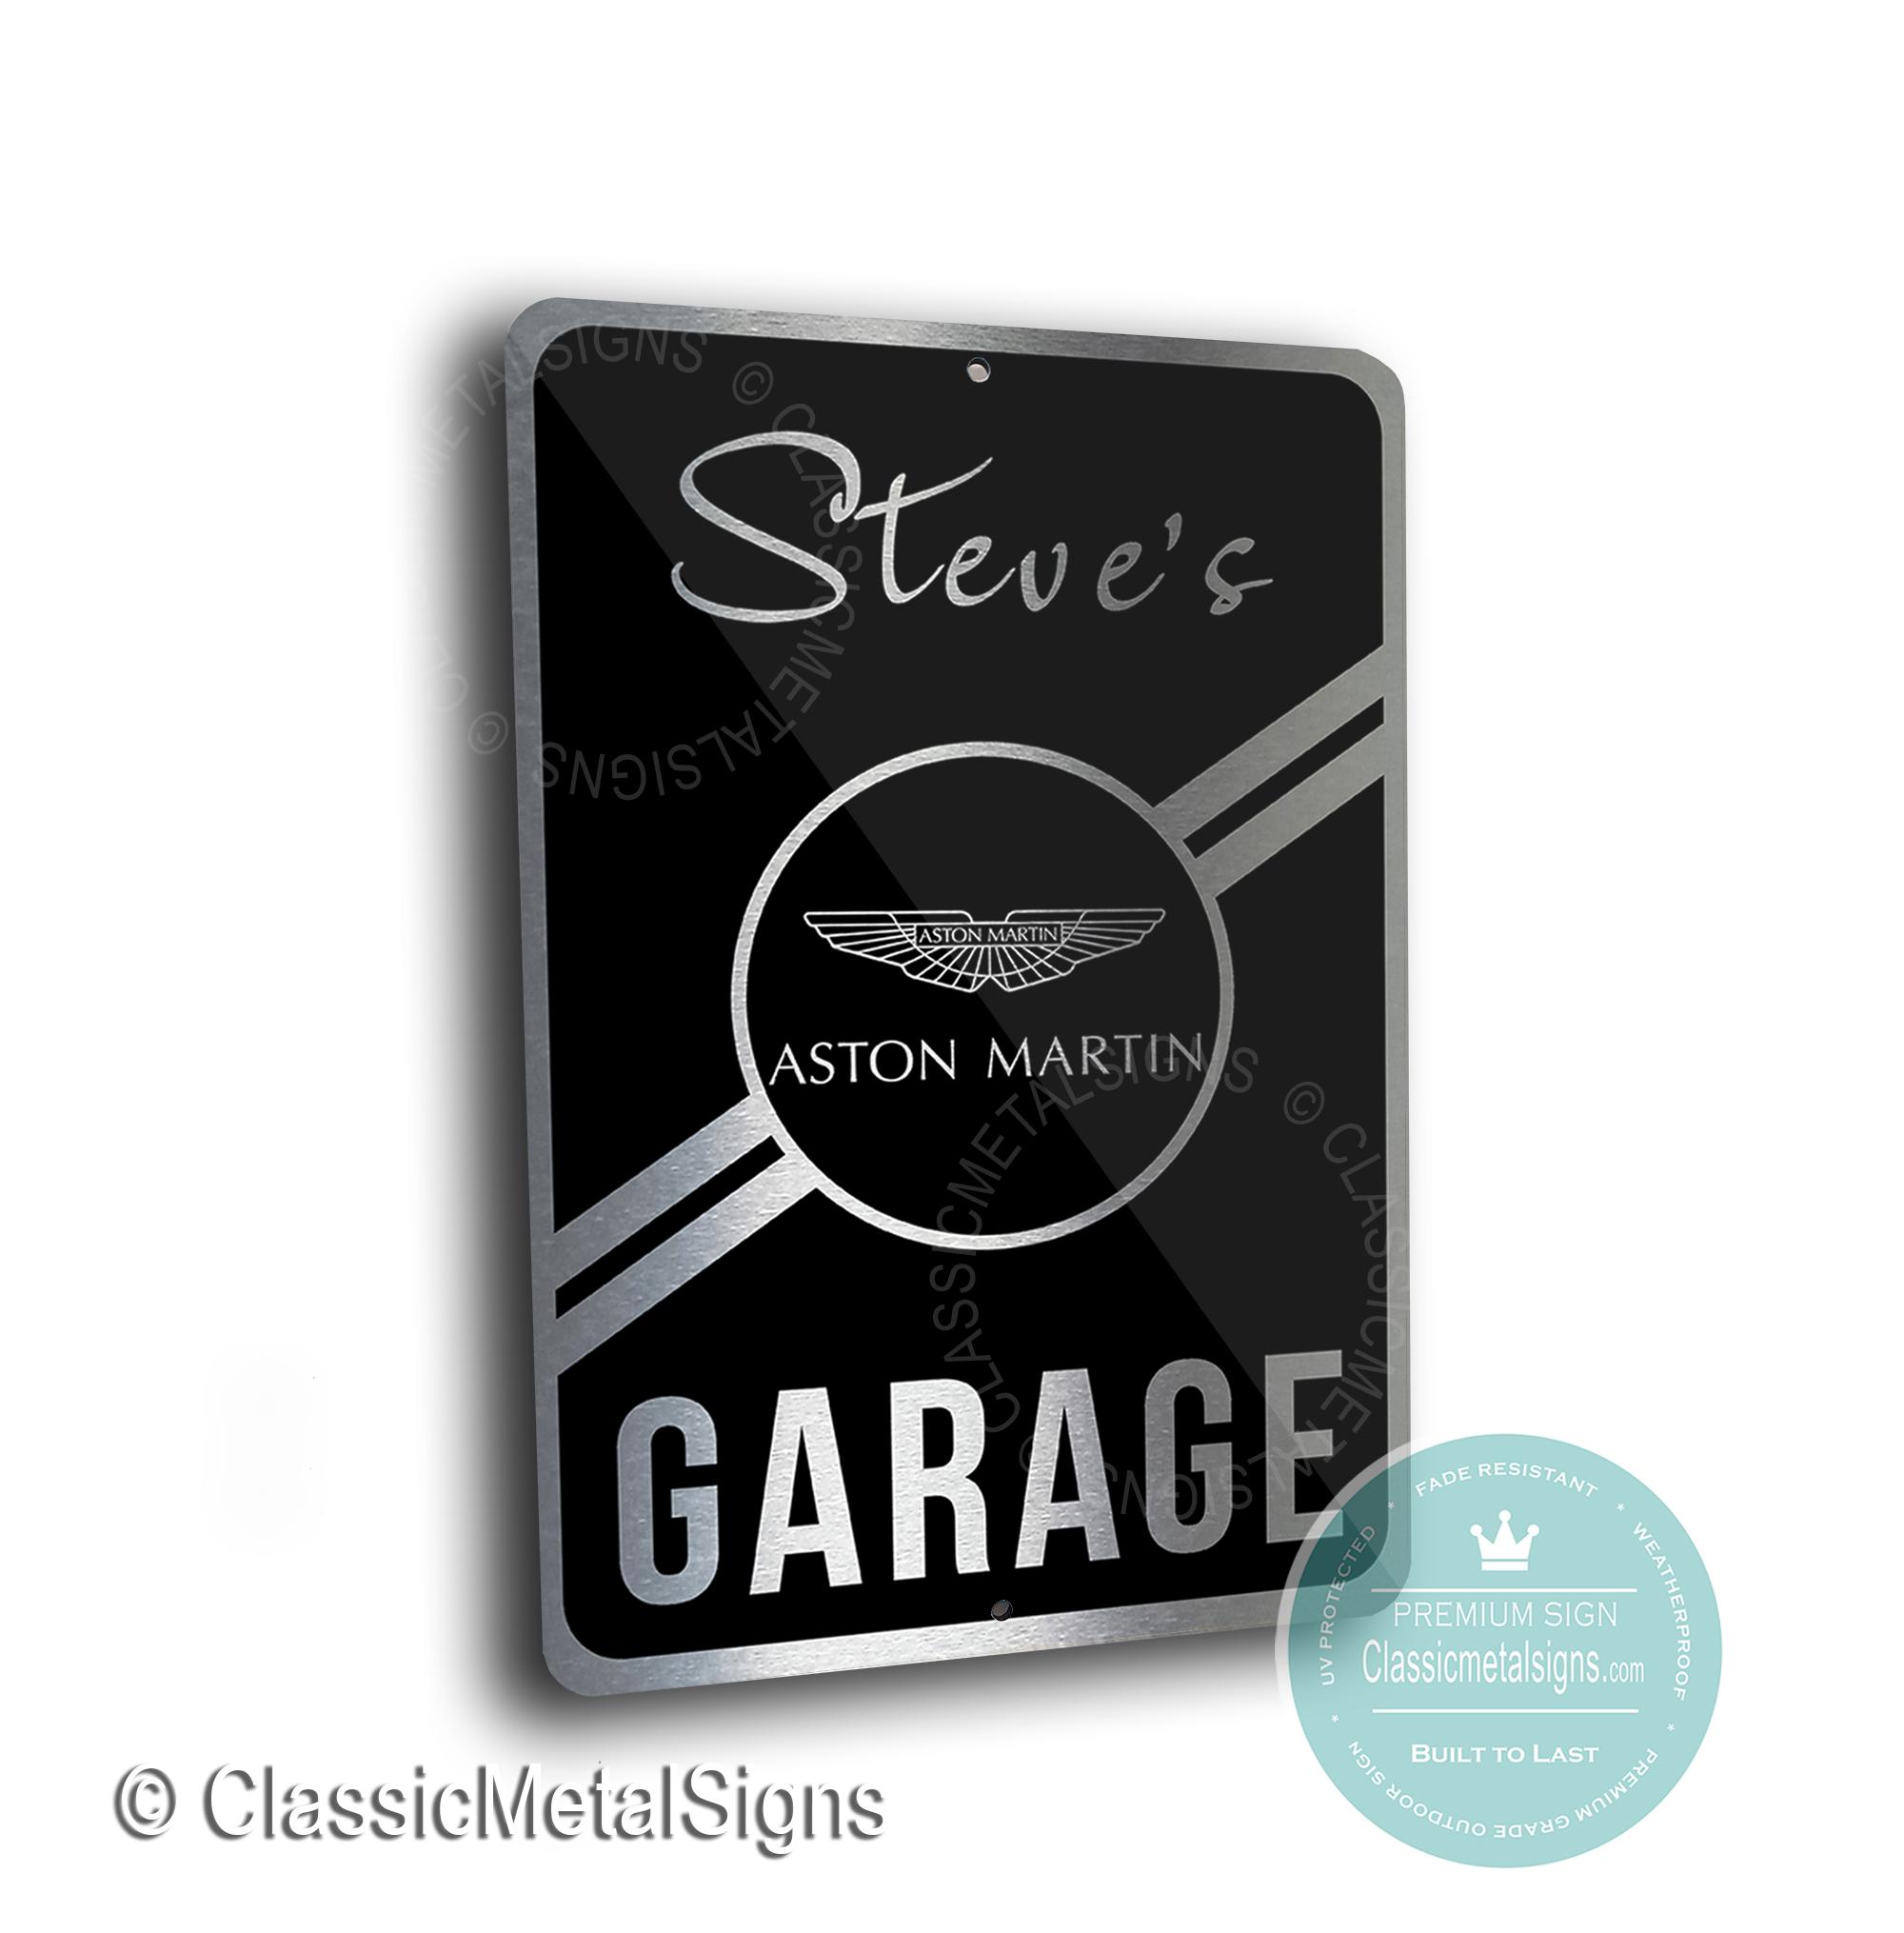 Aston Martin Garage Signs